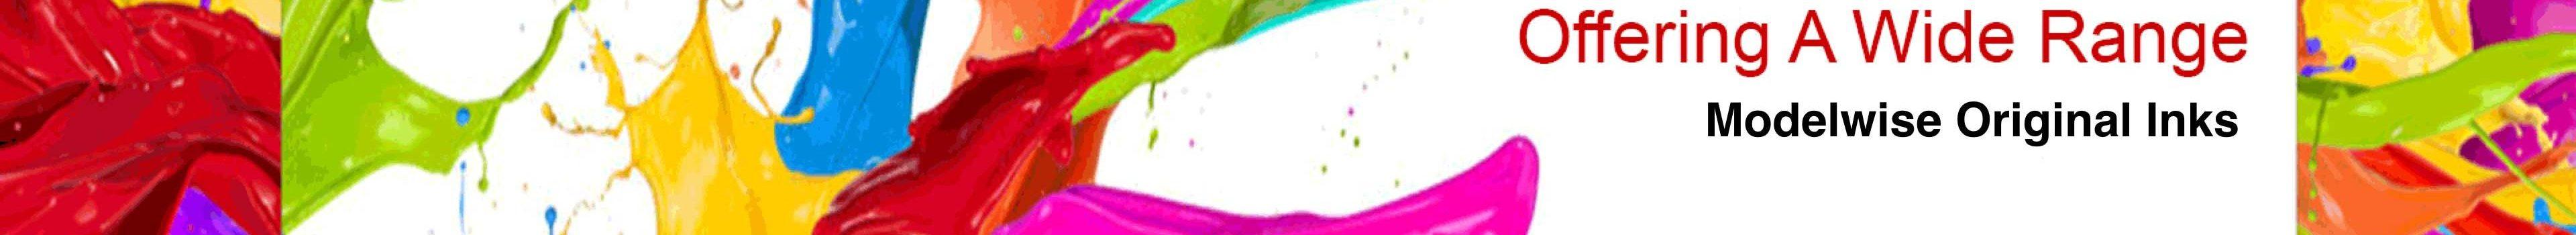 allmax-banner.002